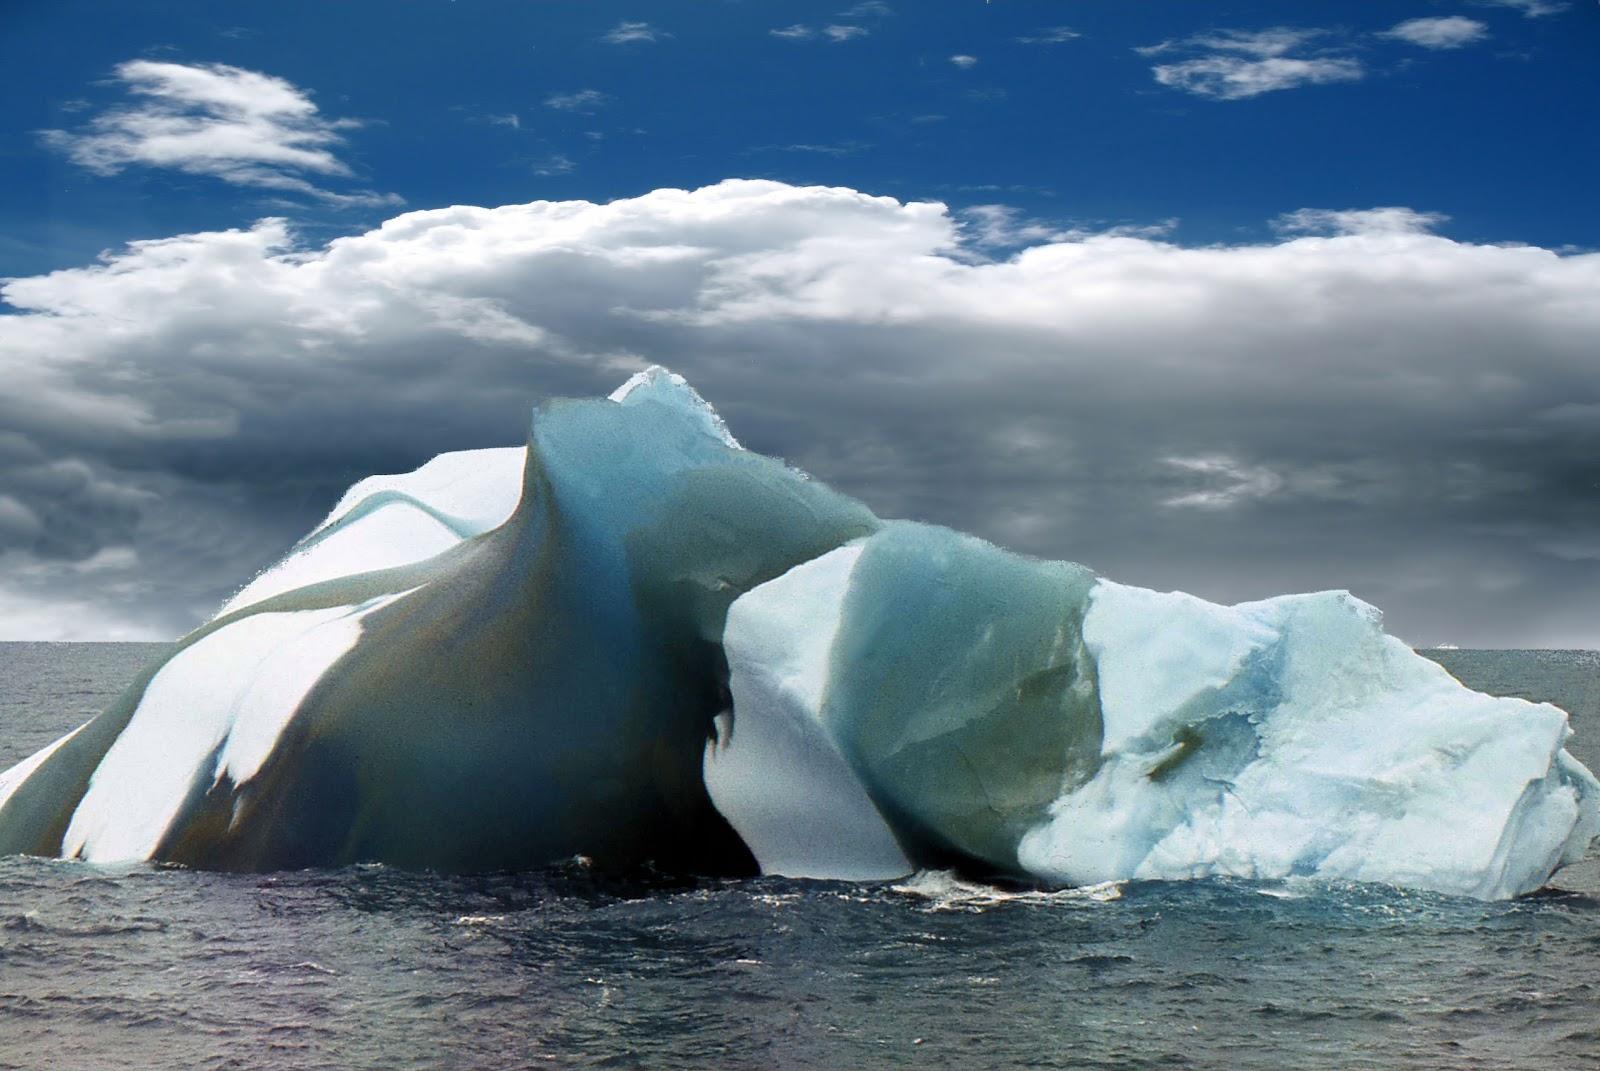 Фото высокого разрешения полосатых айсбергов